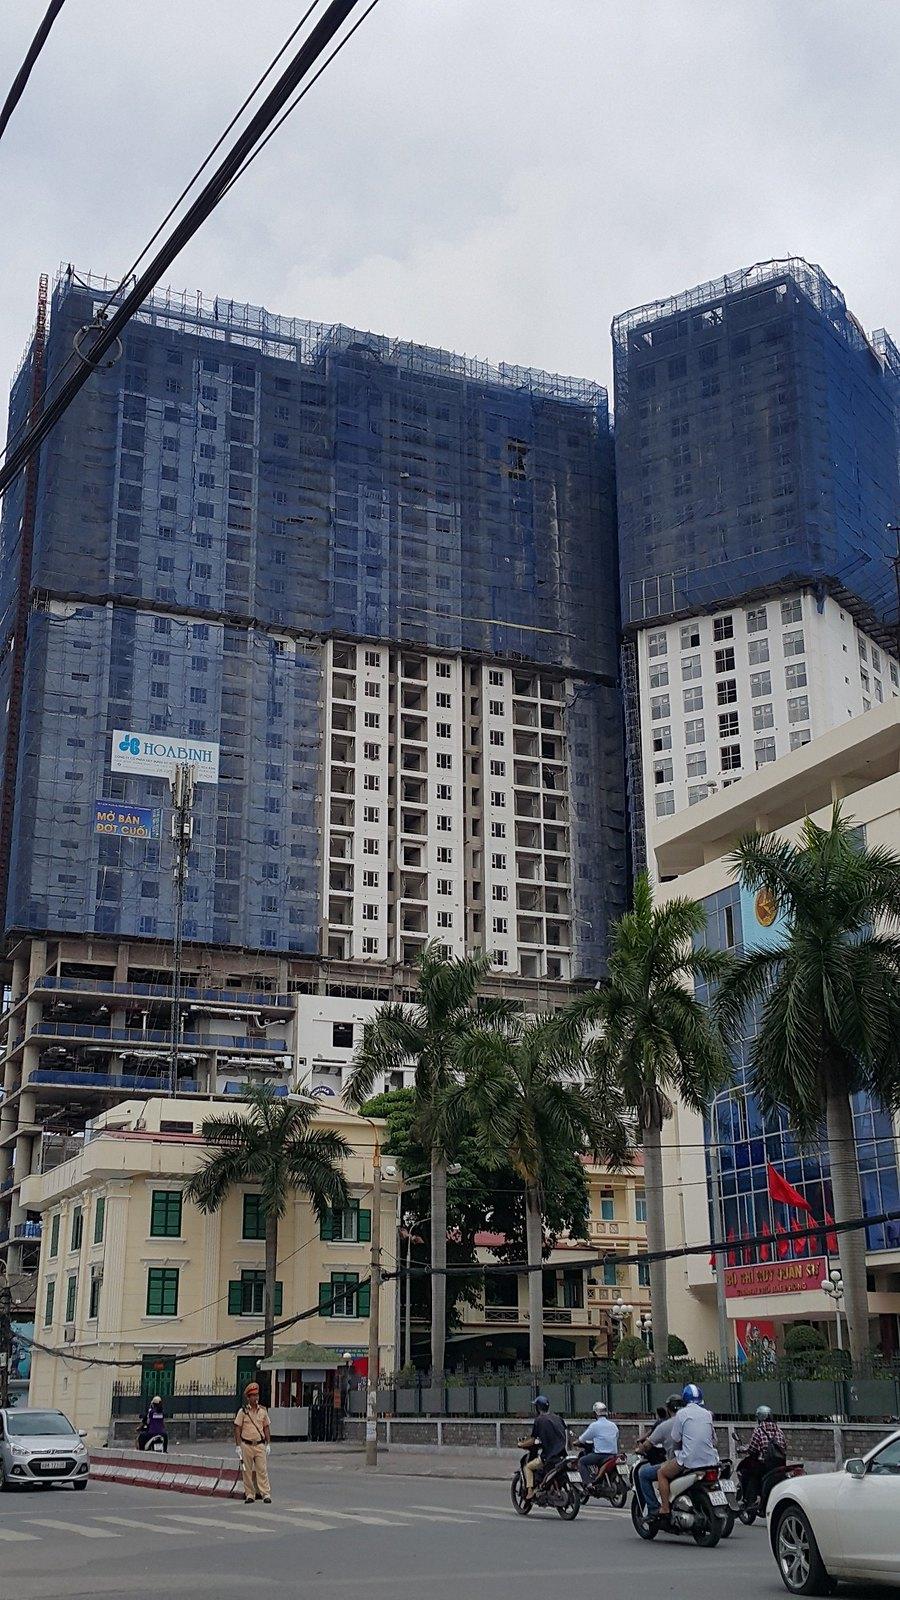 """Tòa nhà SHP Plaza trong quá trình xây dựng - tạo lạc ngay vị trí trung tâm thành phố  <img src=""""images/"""" width="""""""" height="""""""" alt=""""Công ty Bất Động Sản Tanlong Land"""">"""